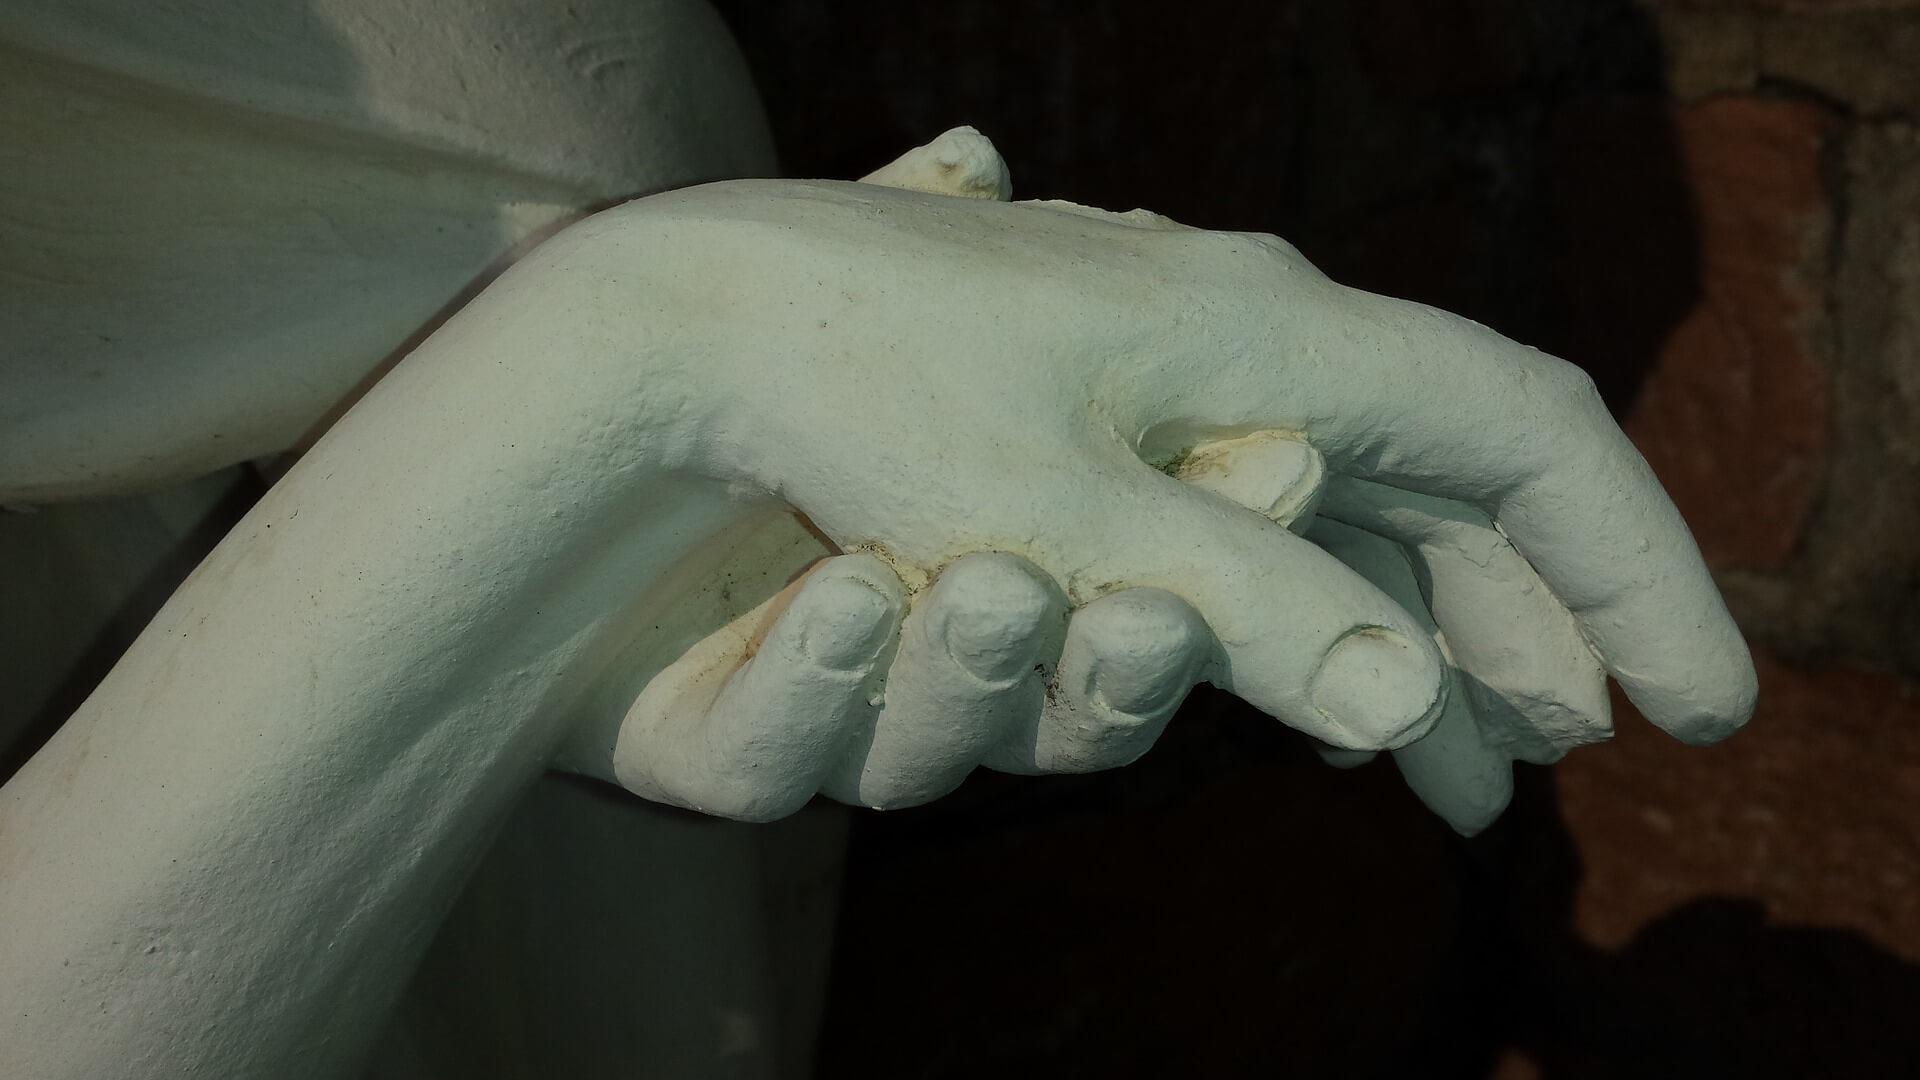 Warum DEINE Gaben gut tun und helfen: Hand in Hand, Skulptur aus Gips